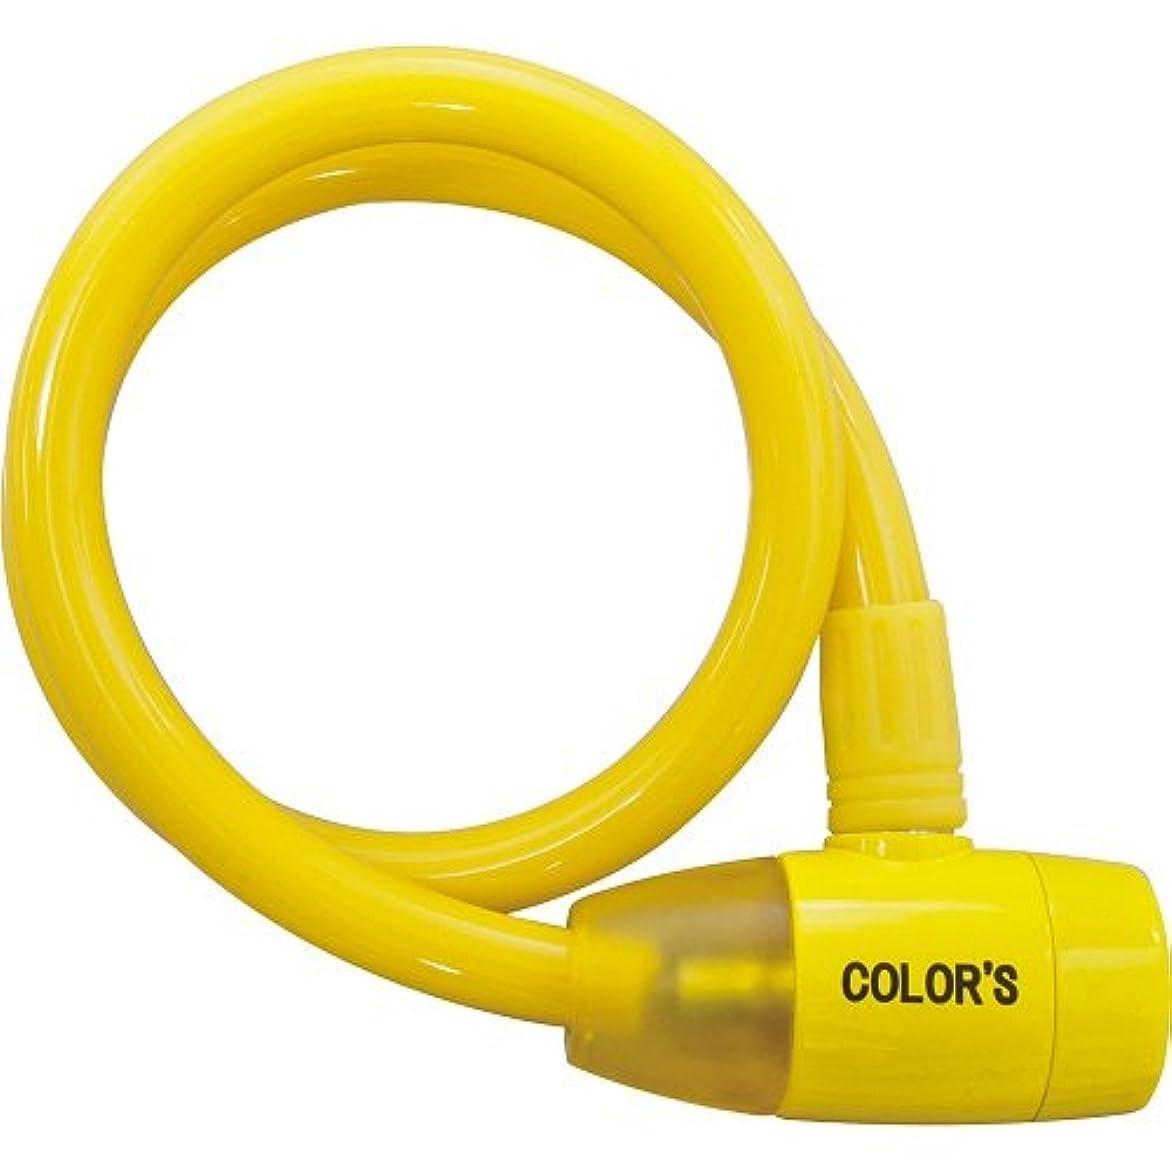 もヨーグルト常習的GORIN(ゴリン) G-220W カラーズディンプル [ワイヤーロック] シャーベットイエロー